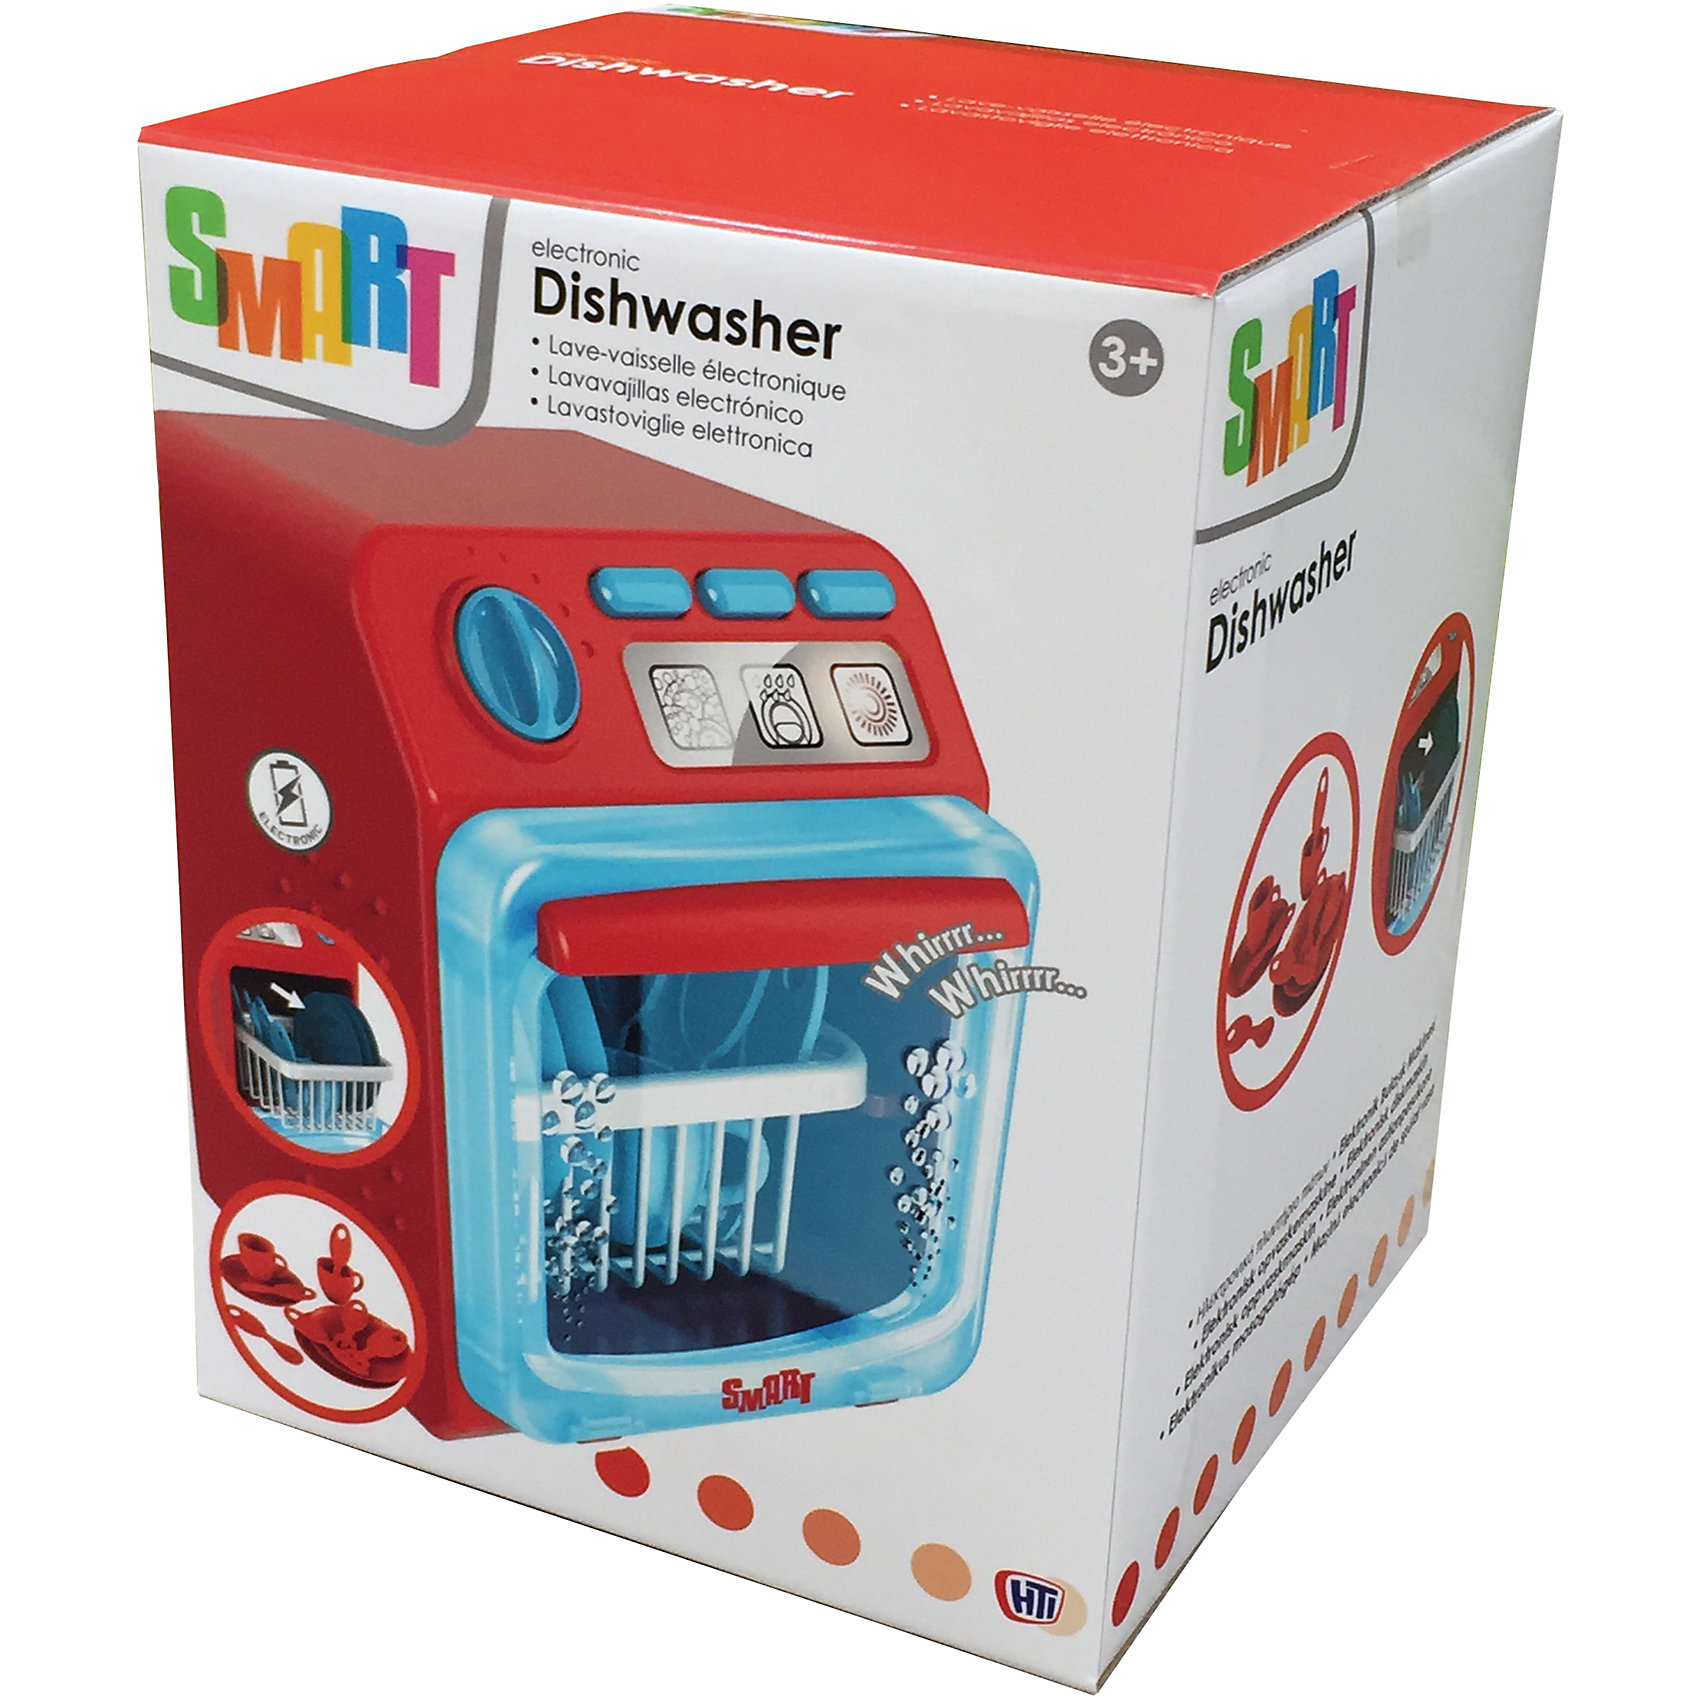 Посудомоечная машина Smart, HTIПосудомоечная машина Smart. Кнопки для выбора программ мытья посуды, слива воды и сушки, - все со световыми и звуковыми эффуктами. Поворотом ручки выполняется полный цикл. Открывающаяся дверца, посуда и чашечки.Работает от 3-х батареек типа ААА (В комплект не входят).<br><br>Ширина мм: 253<br>Глубина мм: 200<br>Высота мм: 198<br>Вес г: 998<br>Возраст от месяцев: 36<br>Возраст до месяцев: 168<br>Пол: Женский<br>Возраст: Детский<br>SKU: 5366524